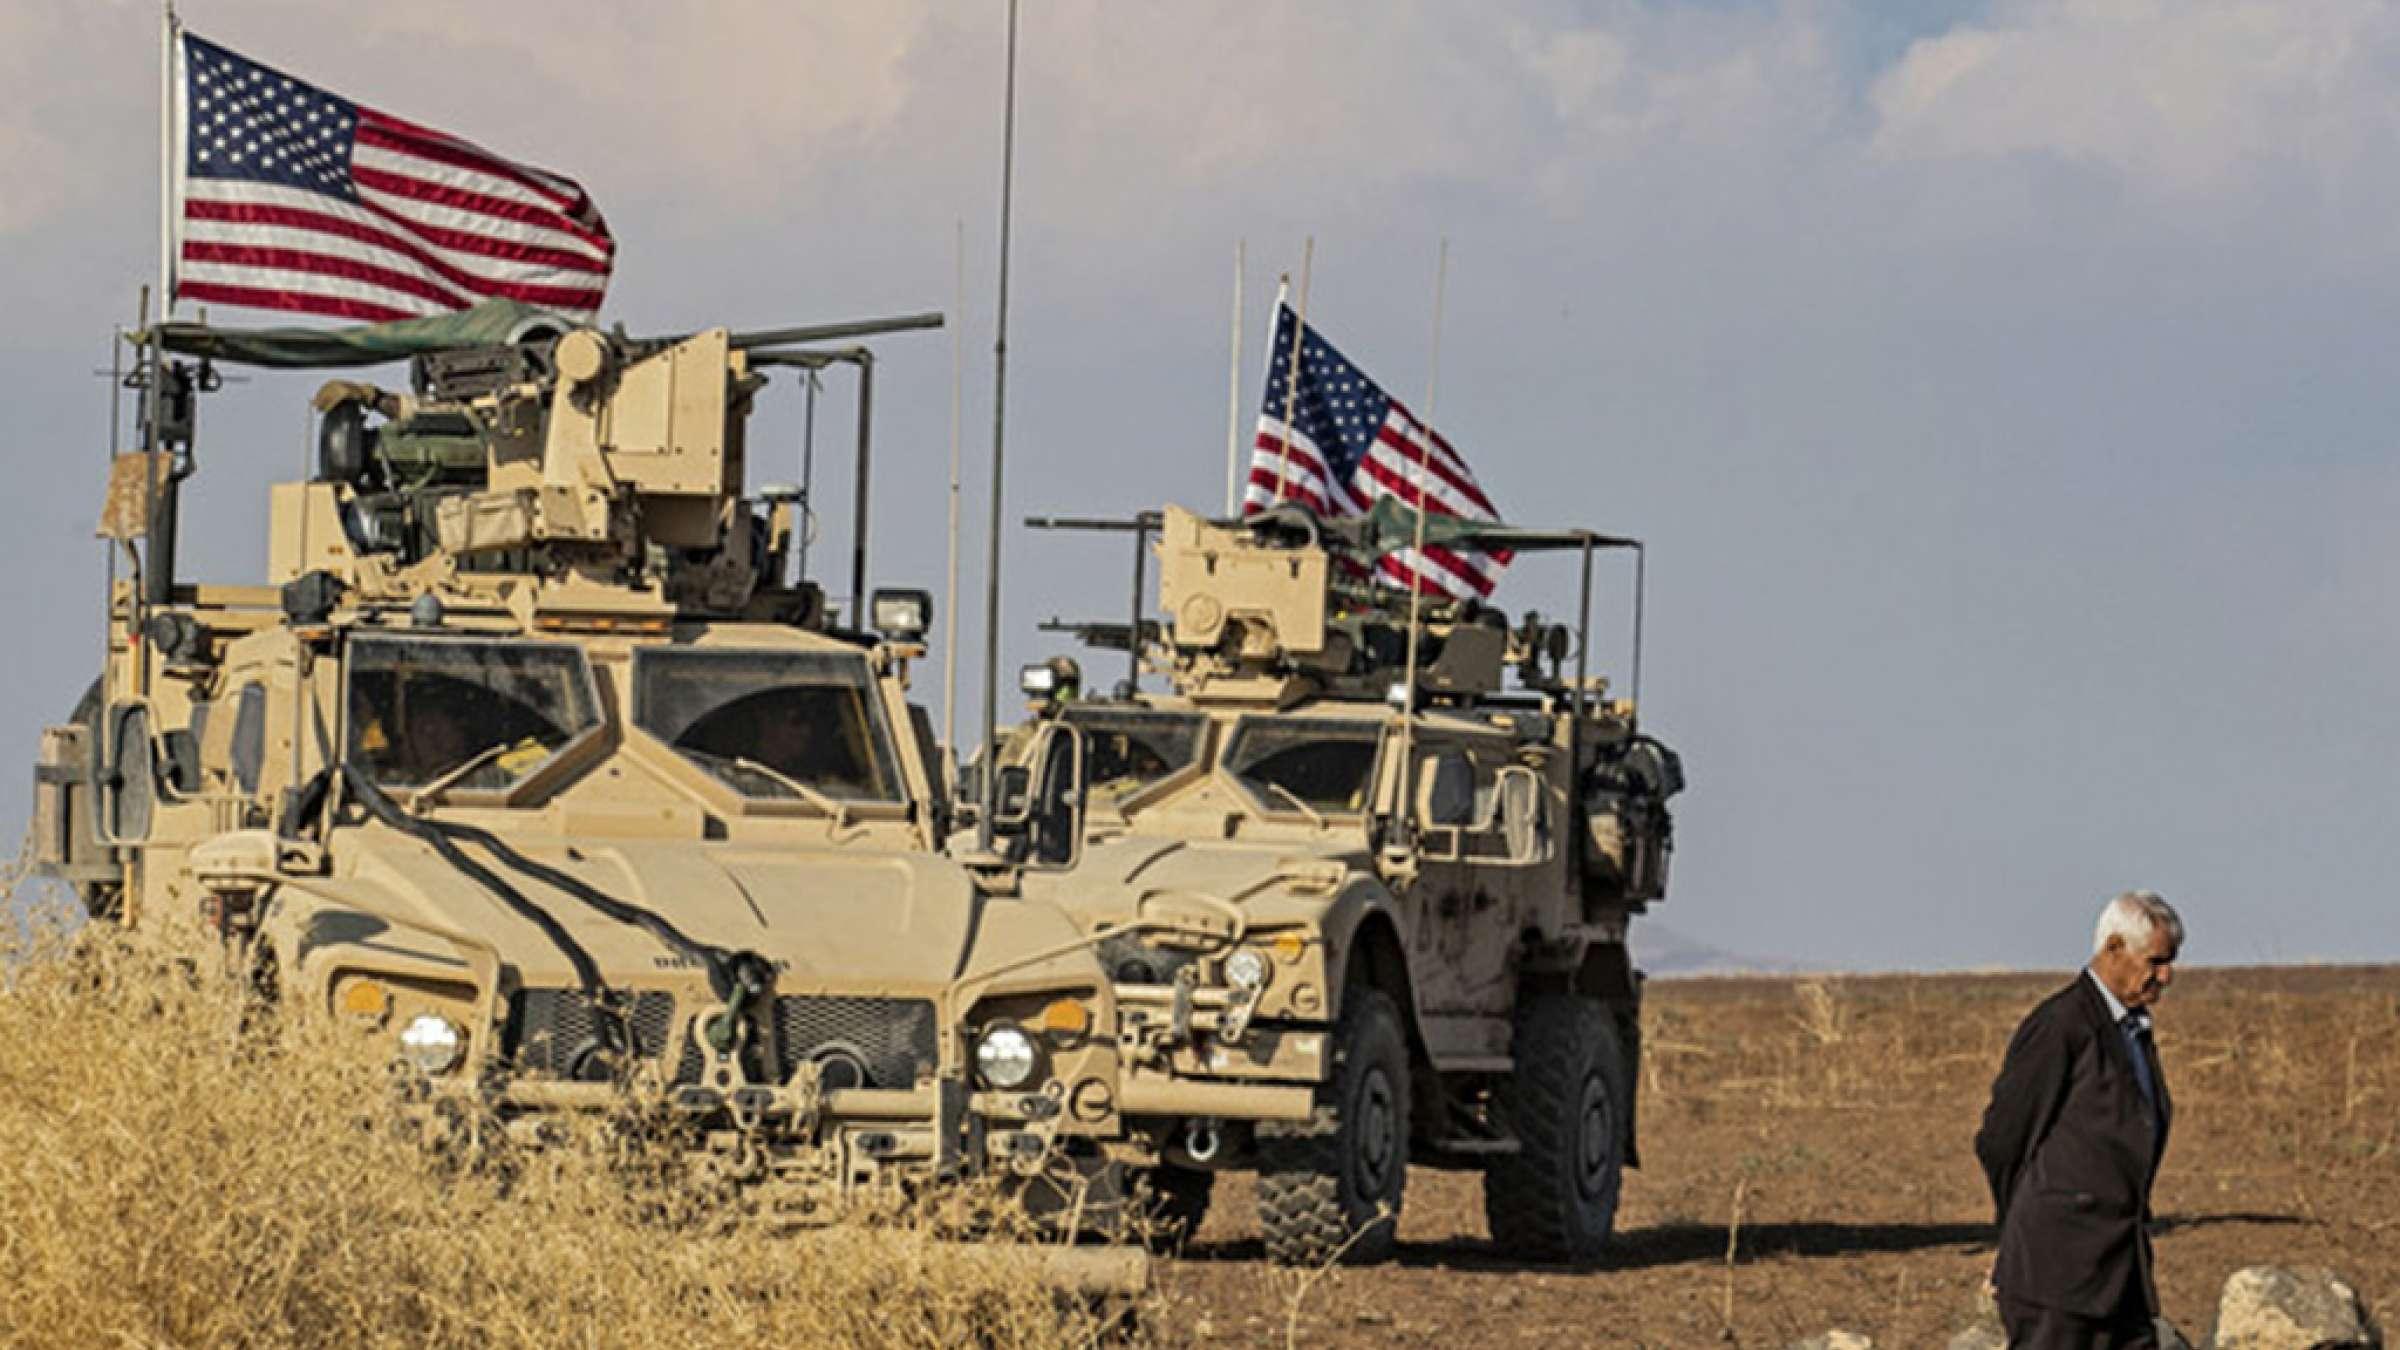 اخبار-جهان-آمریکا-ماهانه-30-میلیون-دلار-نفت-سوریه-را-میدزد